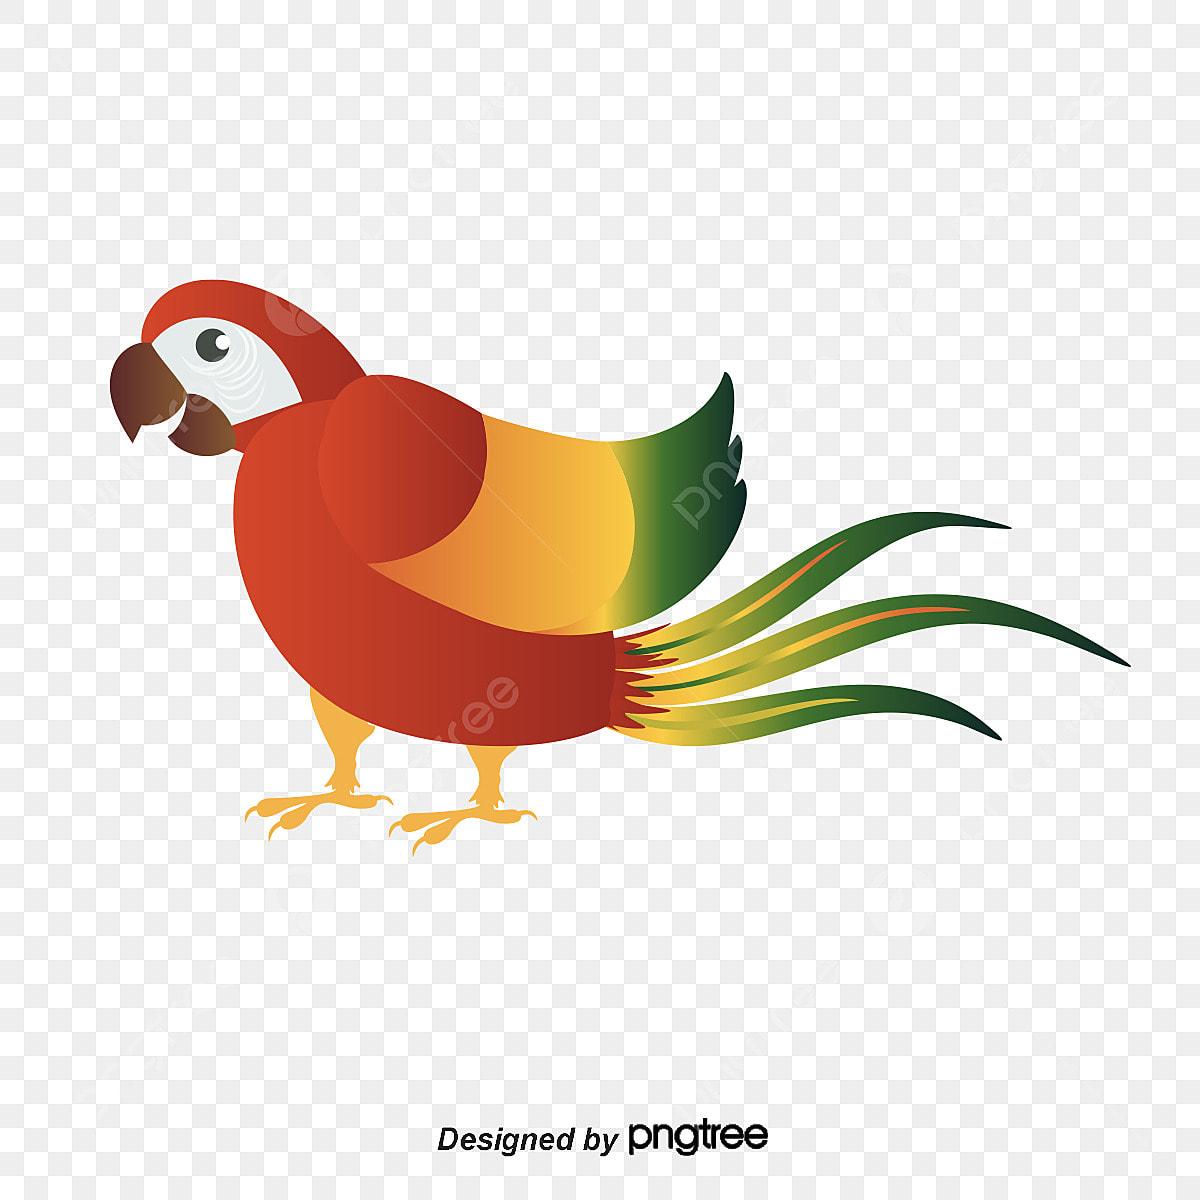 Perroquet De Dessin Vectoriel Perroquet Dessin De Perroquet Perroquet De Vecteur Png Et Vecteur Pour Telechargement Gratuit